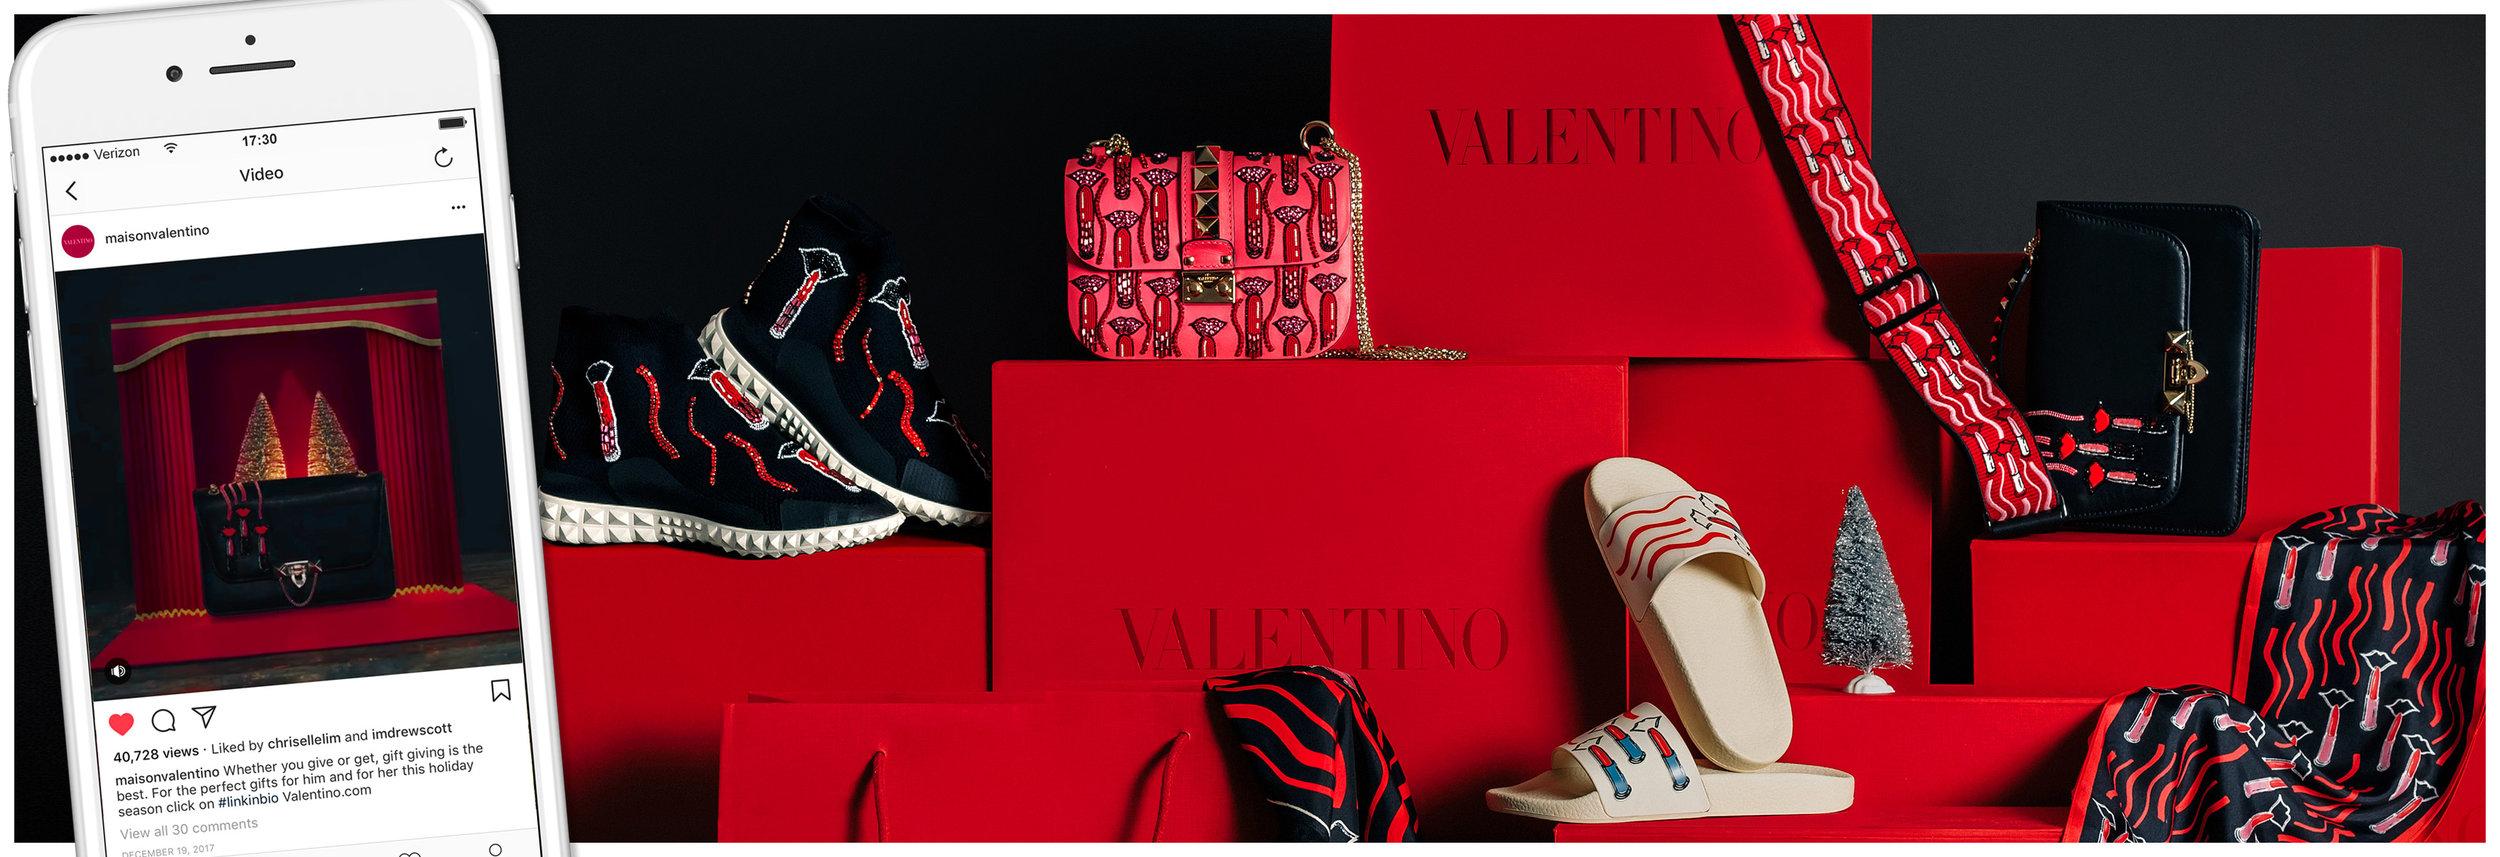 valentinoholiday.jpg